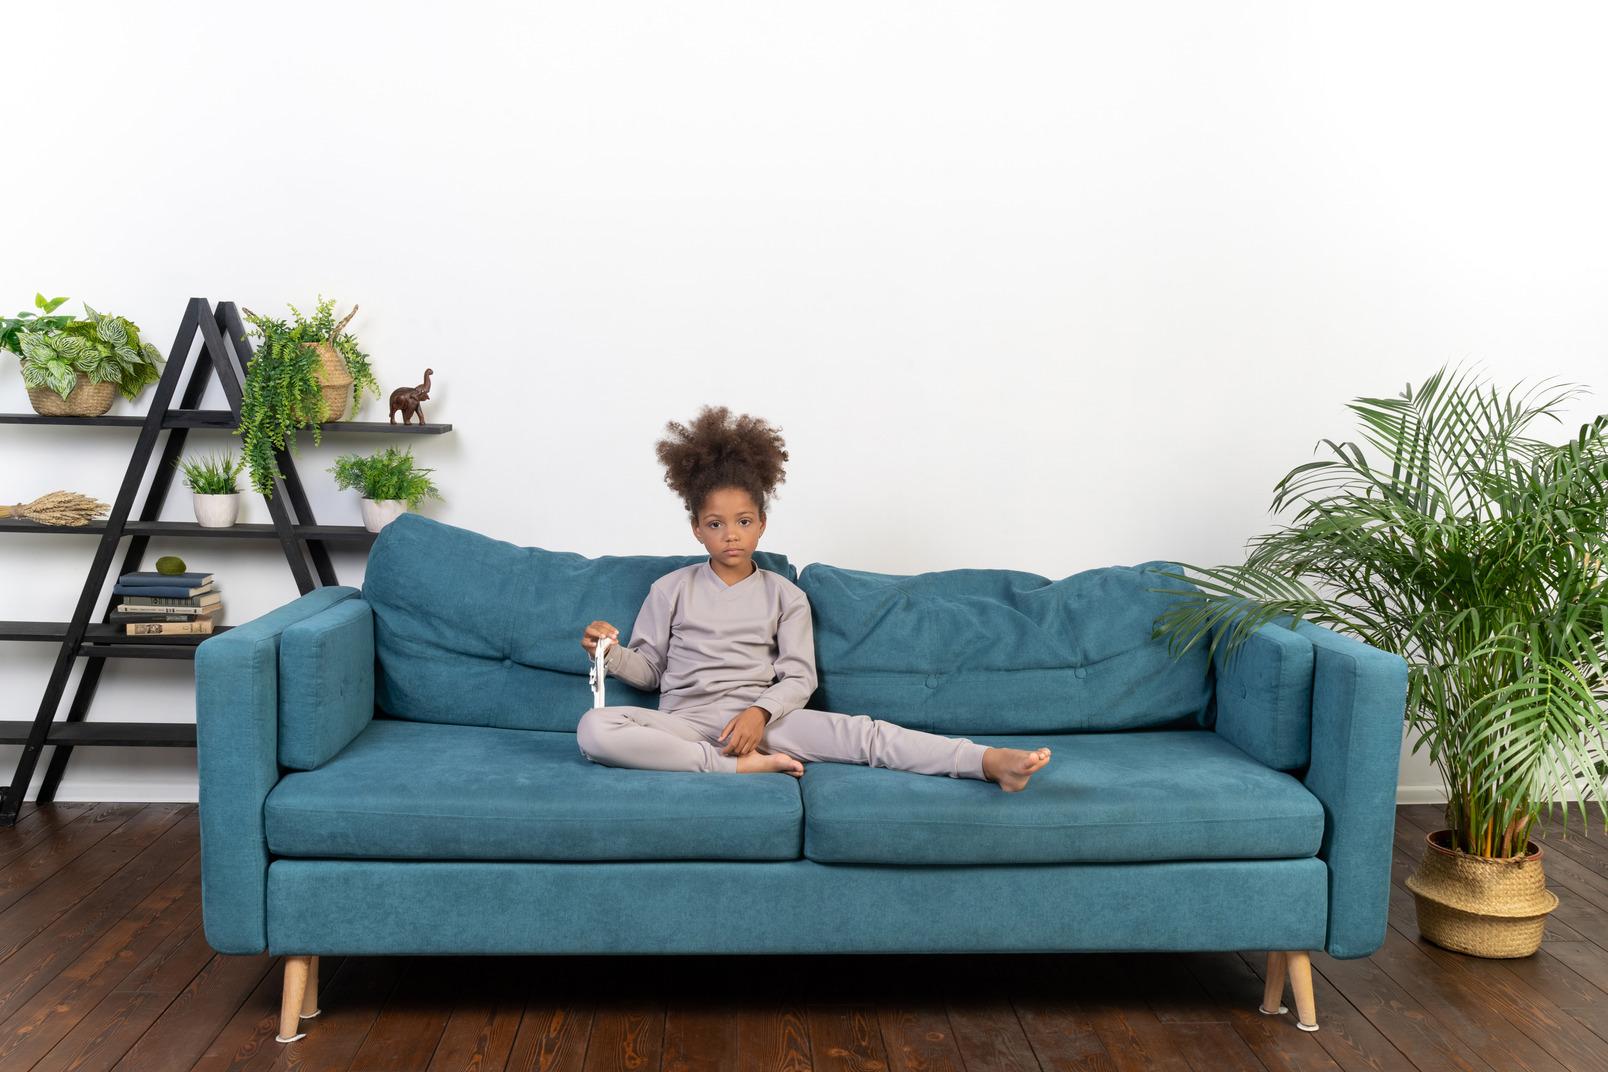 Cute girl on the sofa